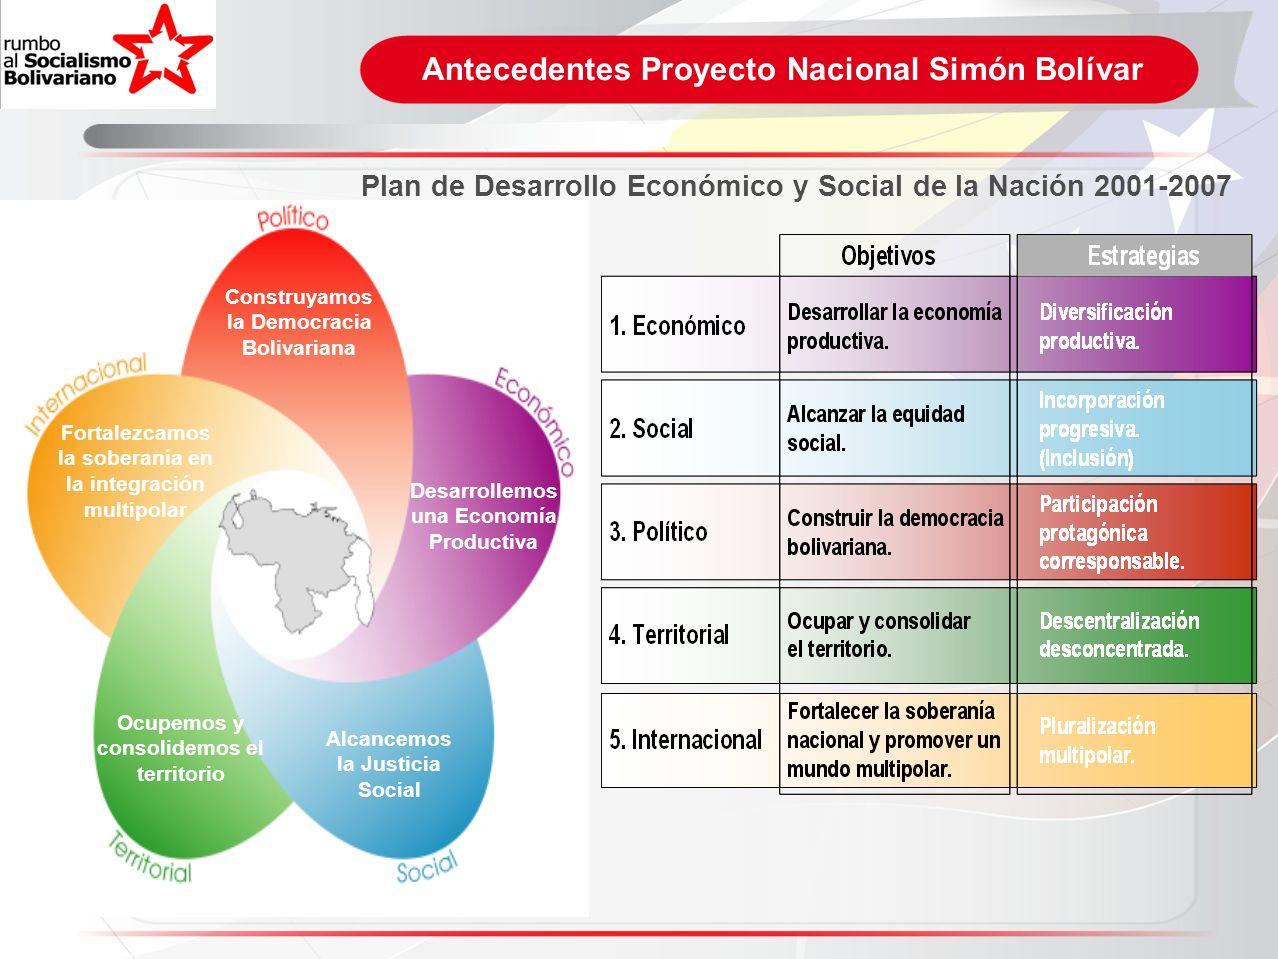 Antecedentes Proyecto Nacional Simón Bolívar